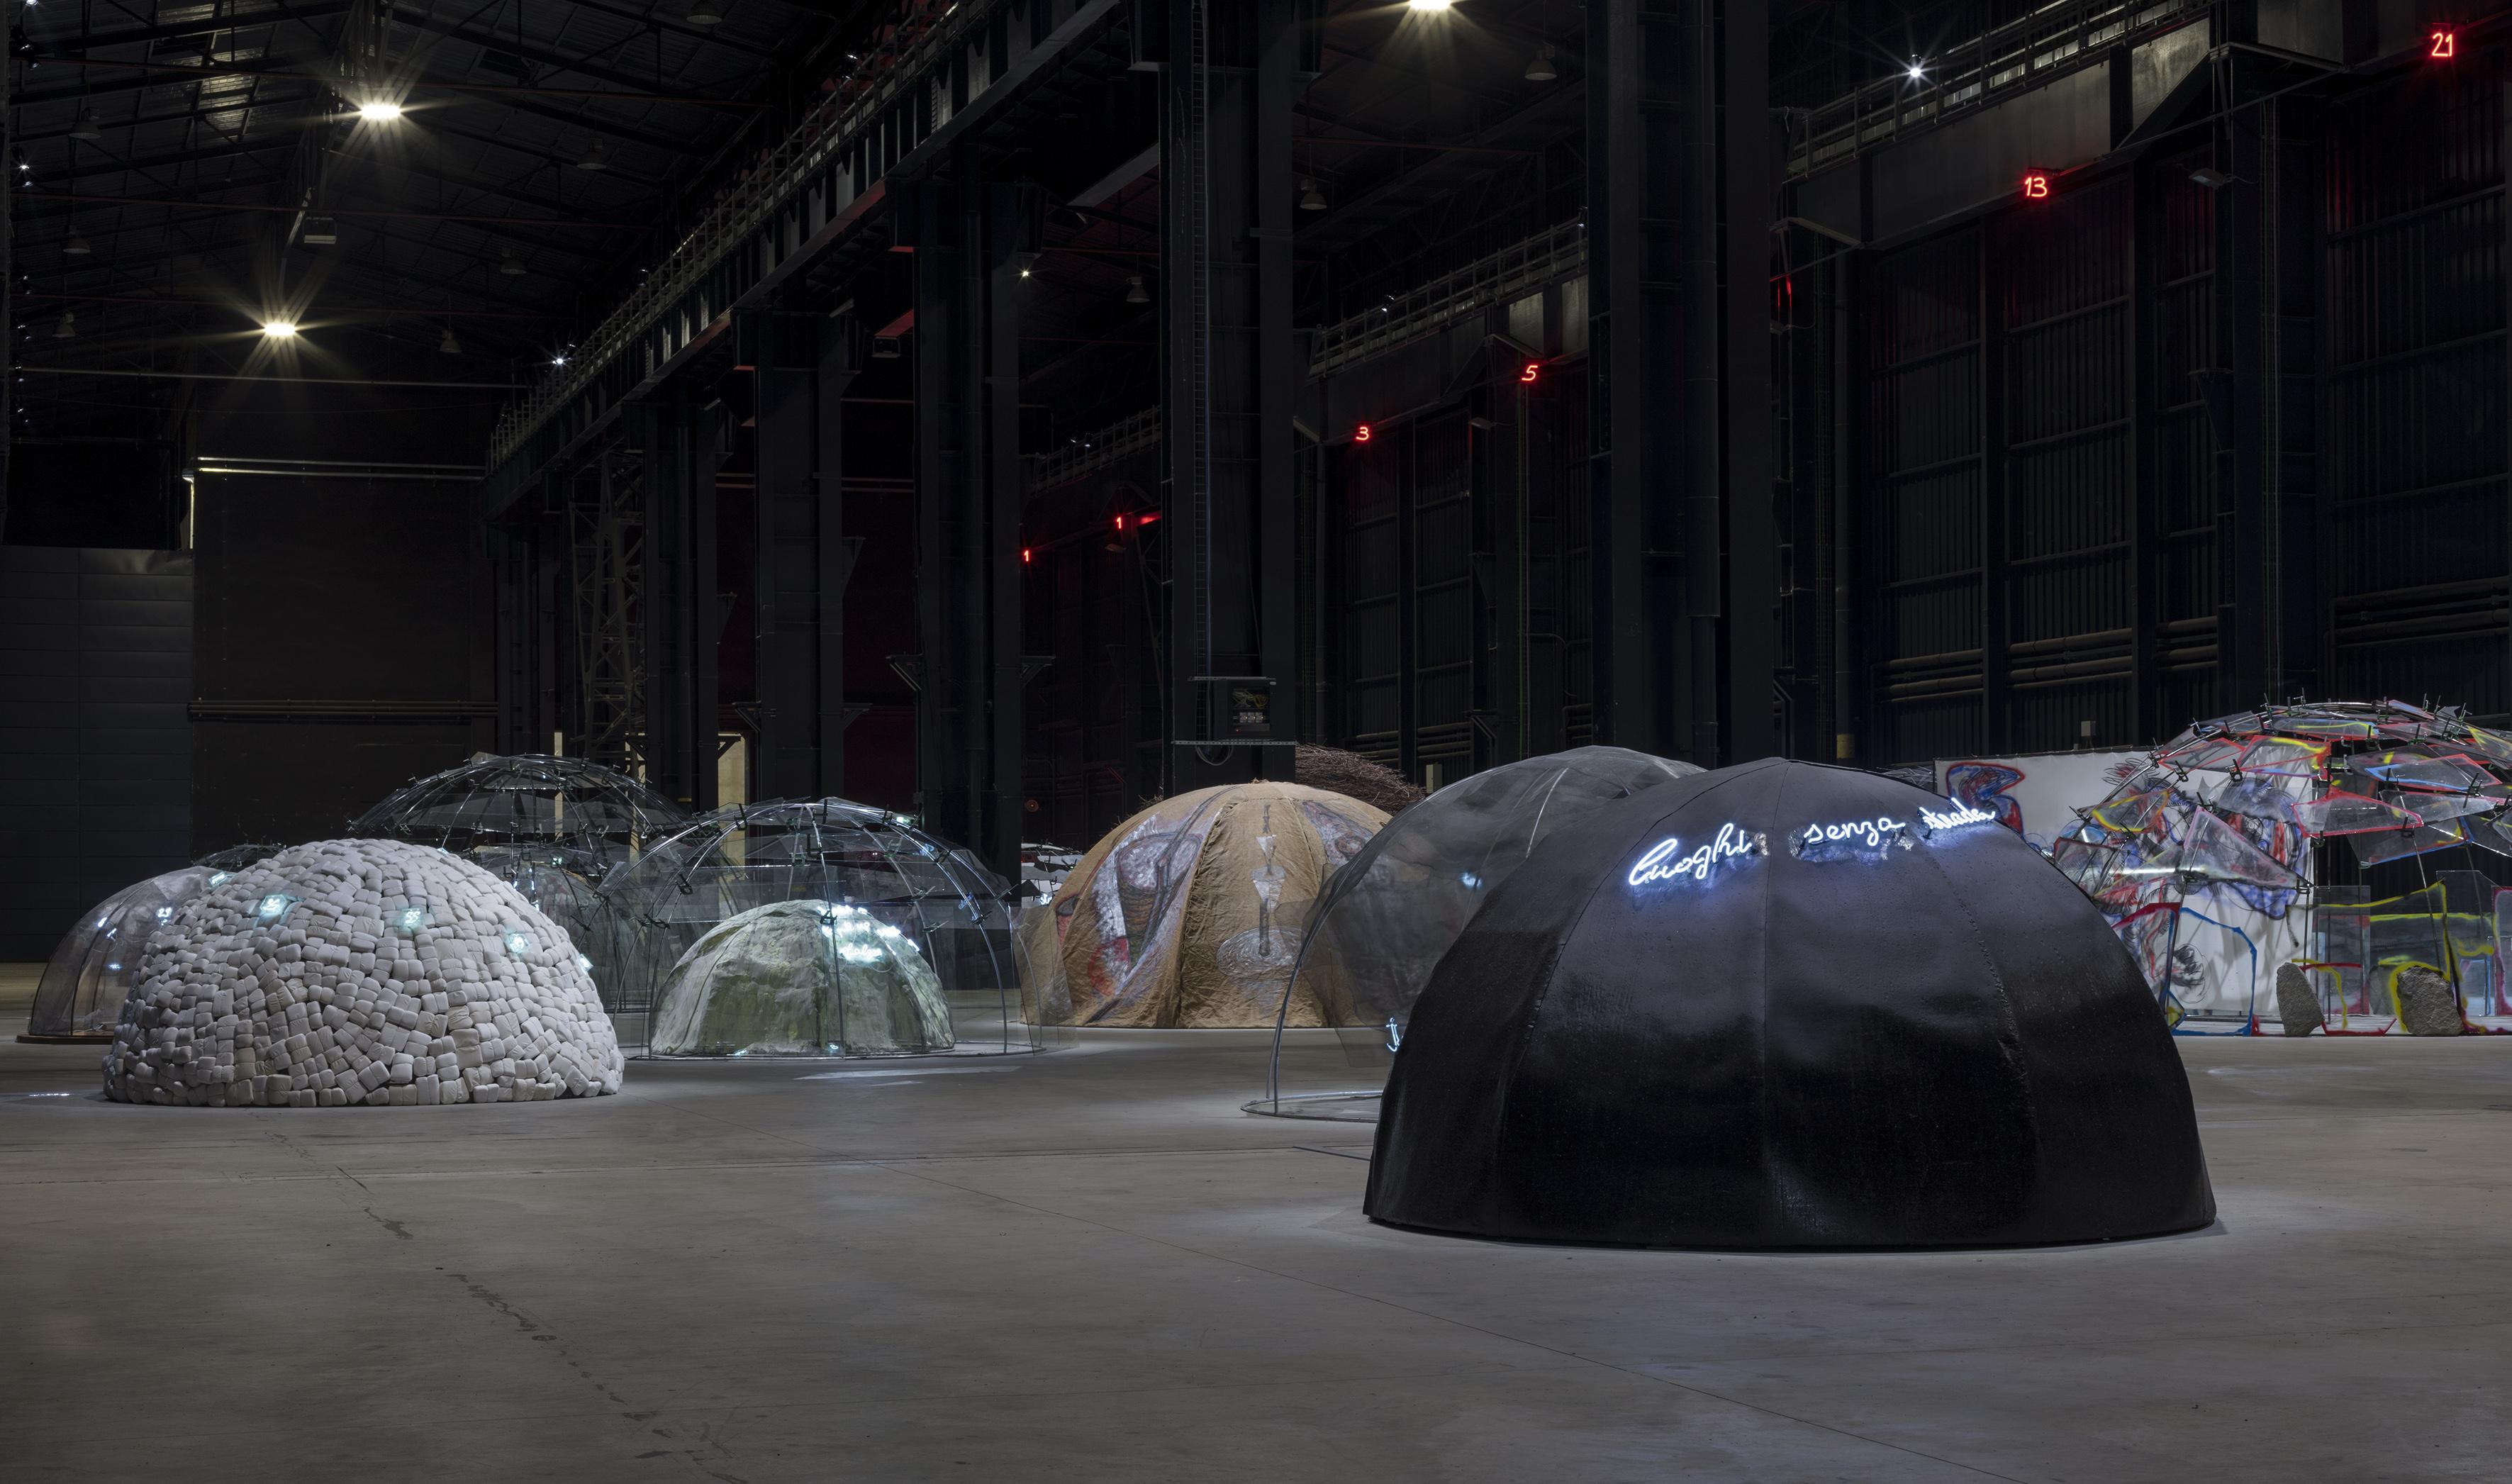 Mario Merz, Igloos, Pirelli Hangar Bicocca, Milan, 2018. Courtesy Pirelli HangarBicocca, Milano Foto: Renato Ghiazza © Mario Merz, by SIAE 2018